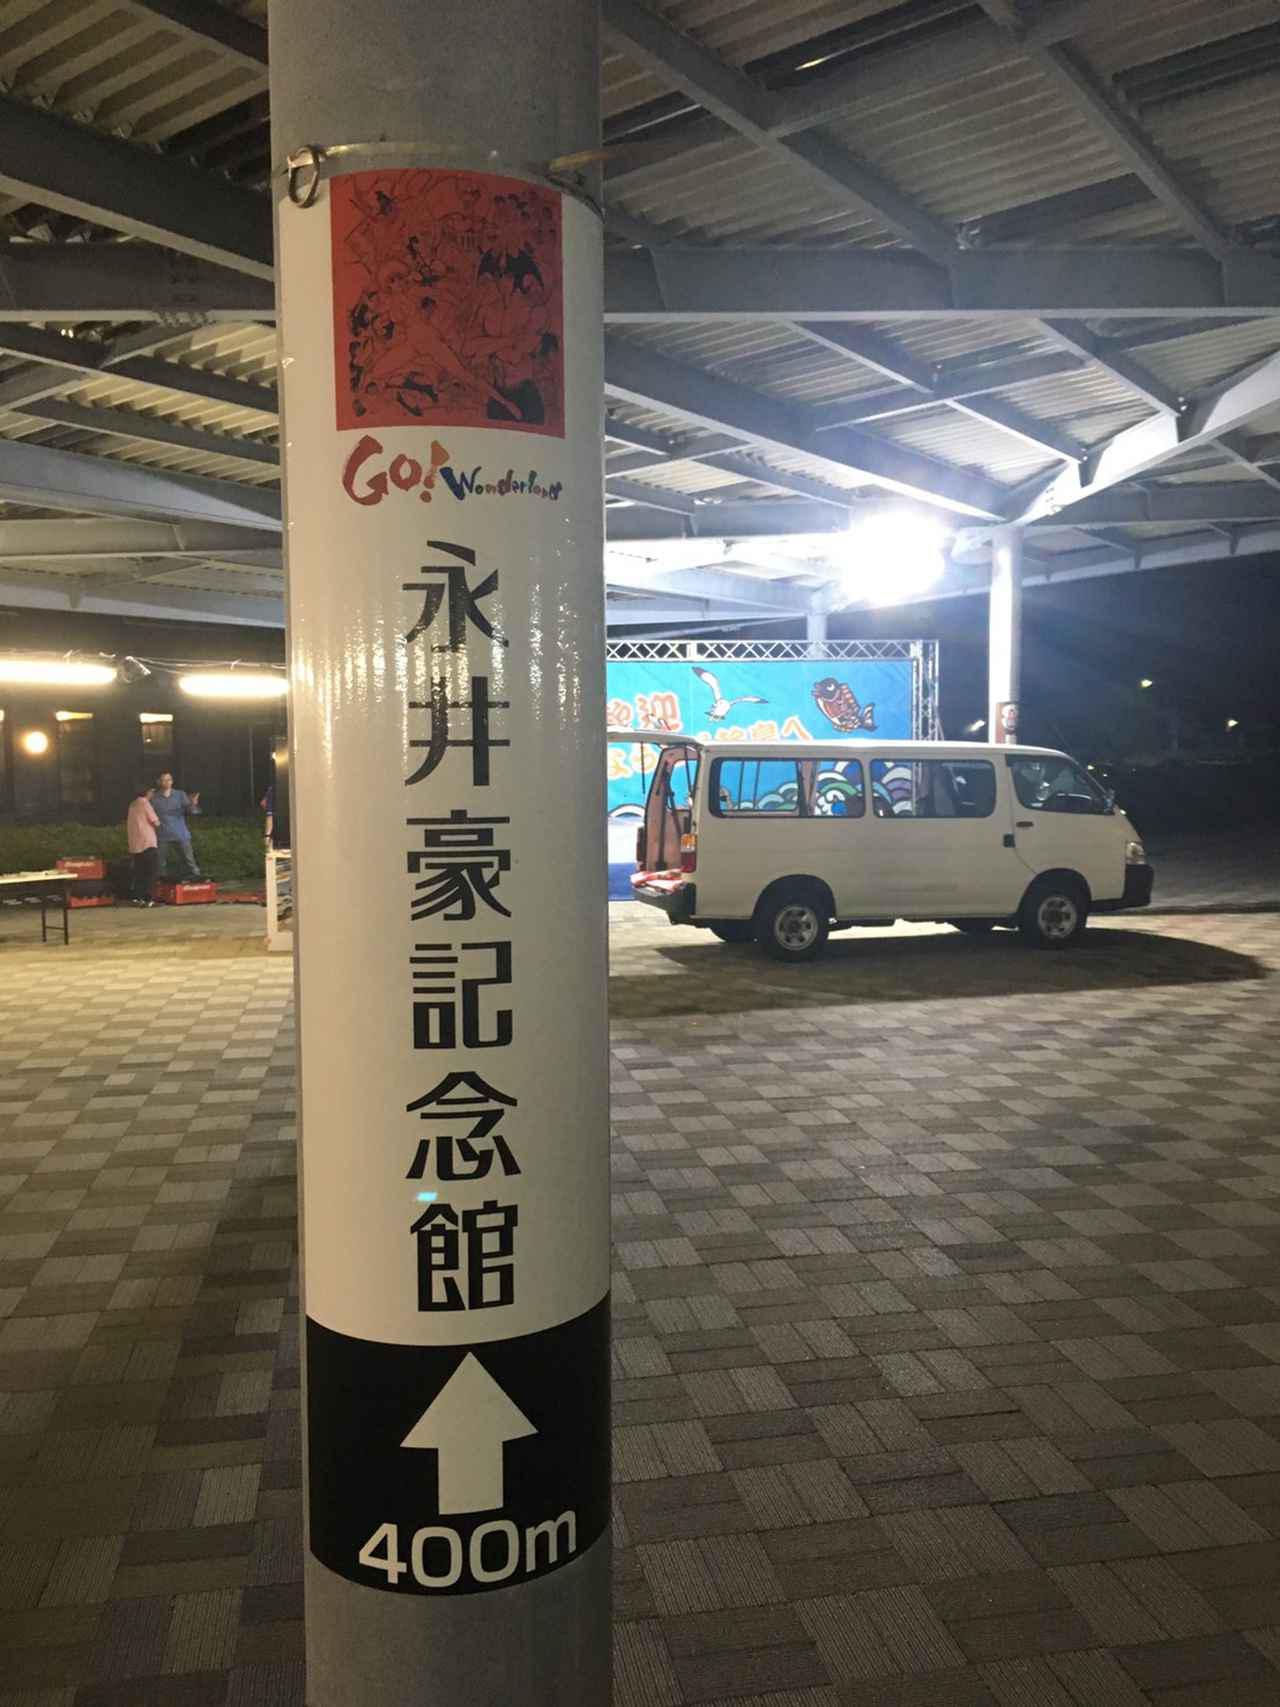 画像: 輪島での心残りはこれ! 「永井豪記念館」が歩いていけちゃう距離にあるなんて! あたし大ファンなのに。